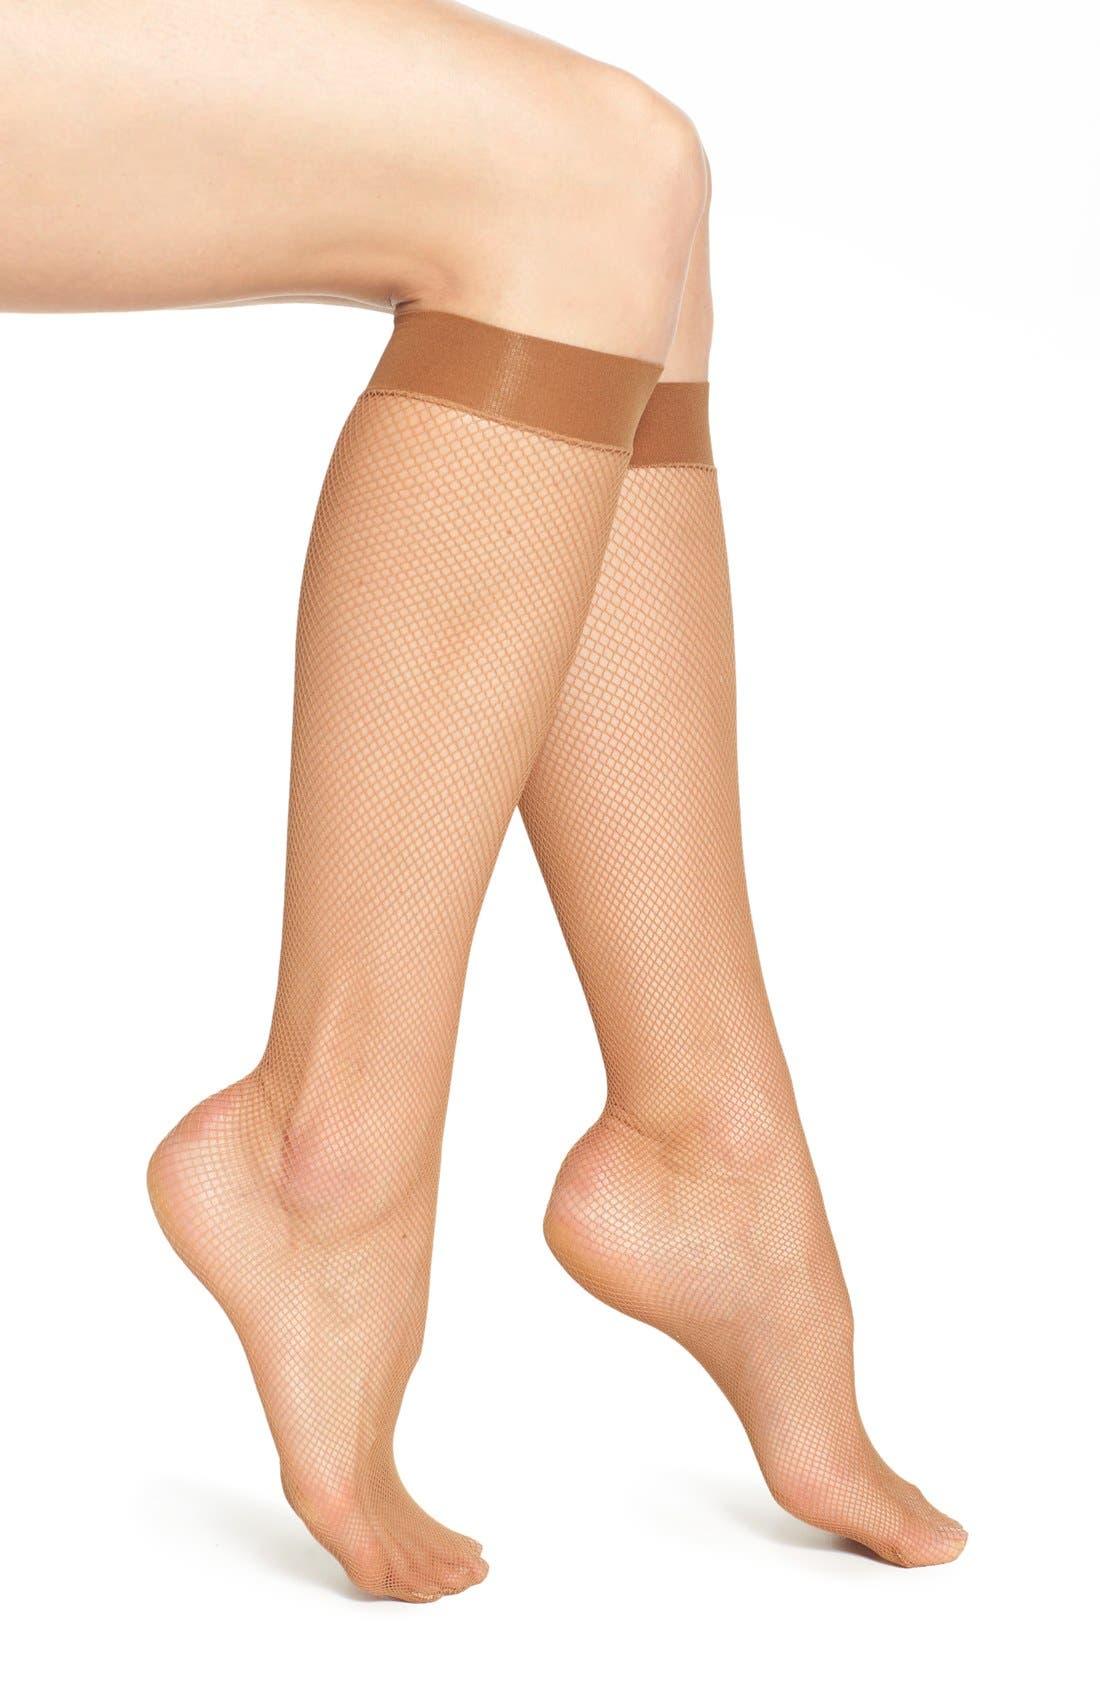 'Twenties' Fishnet Knee High Socks, Main, color, 243